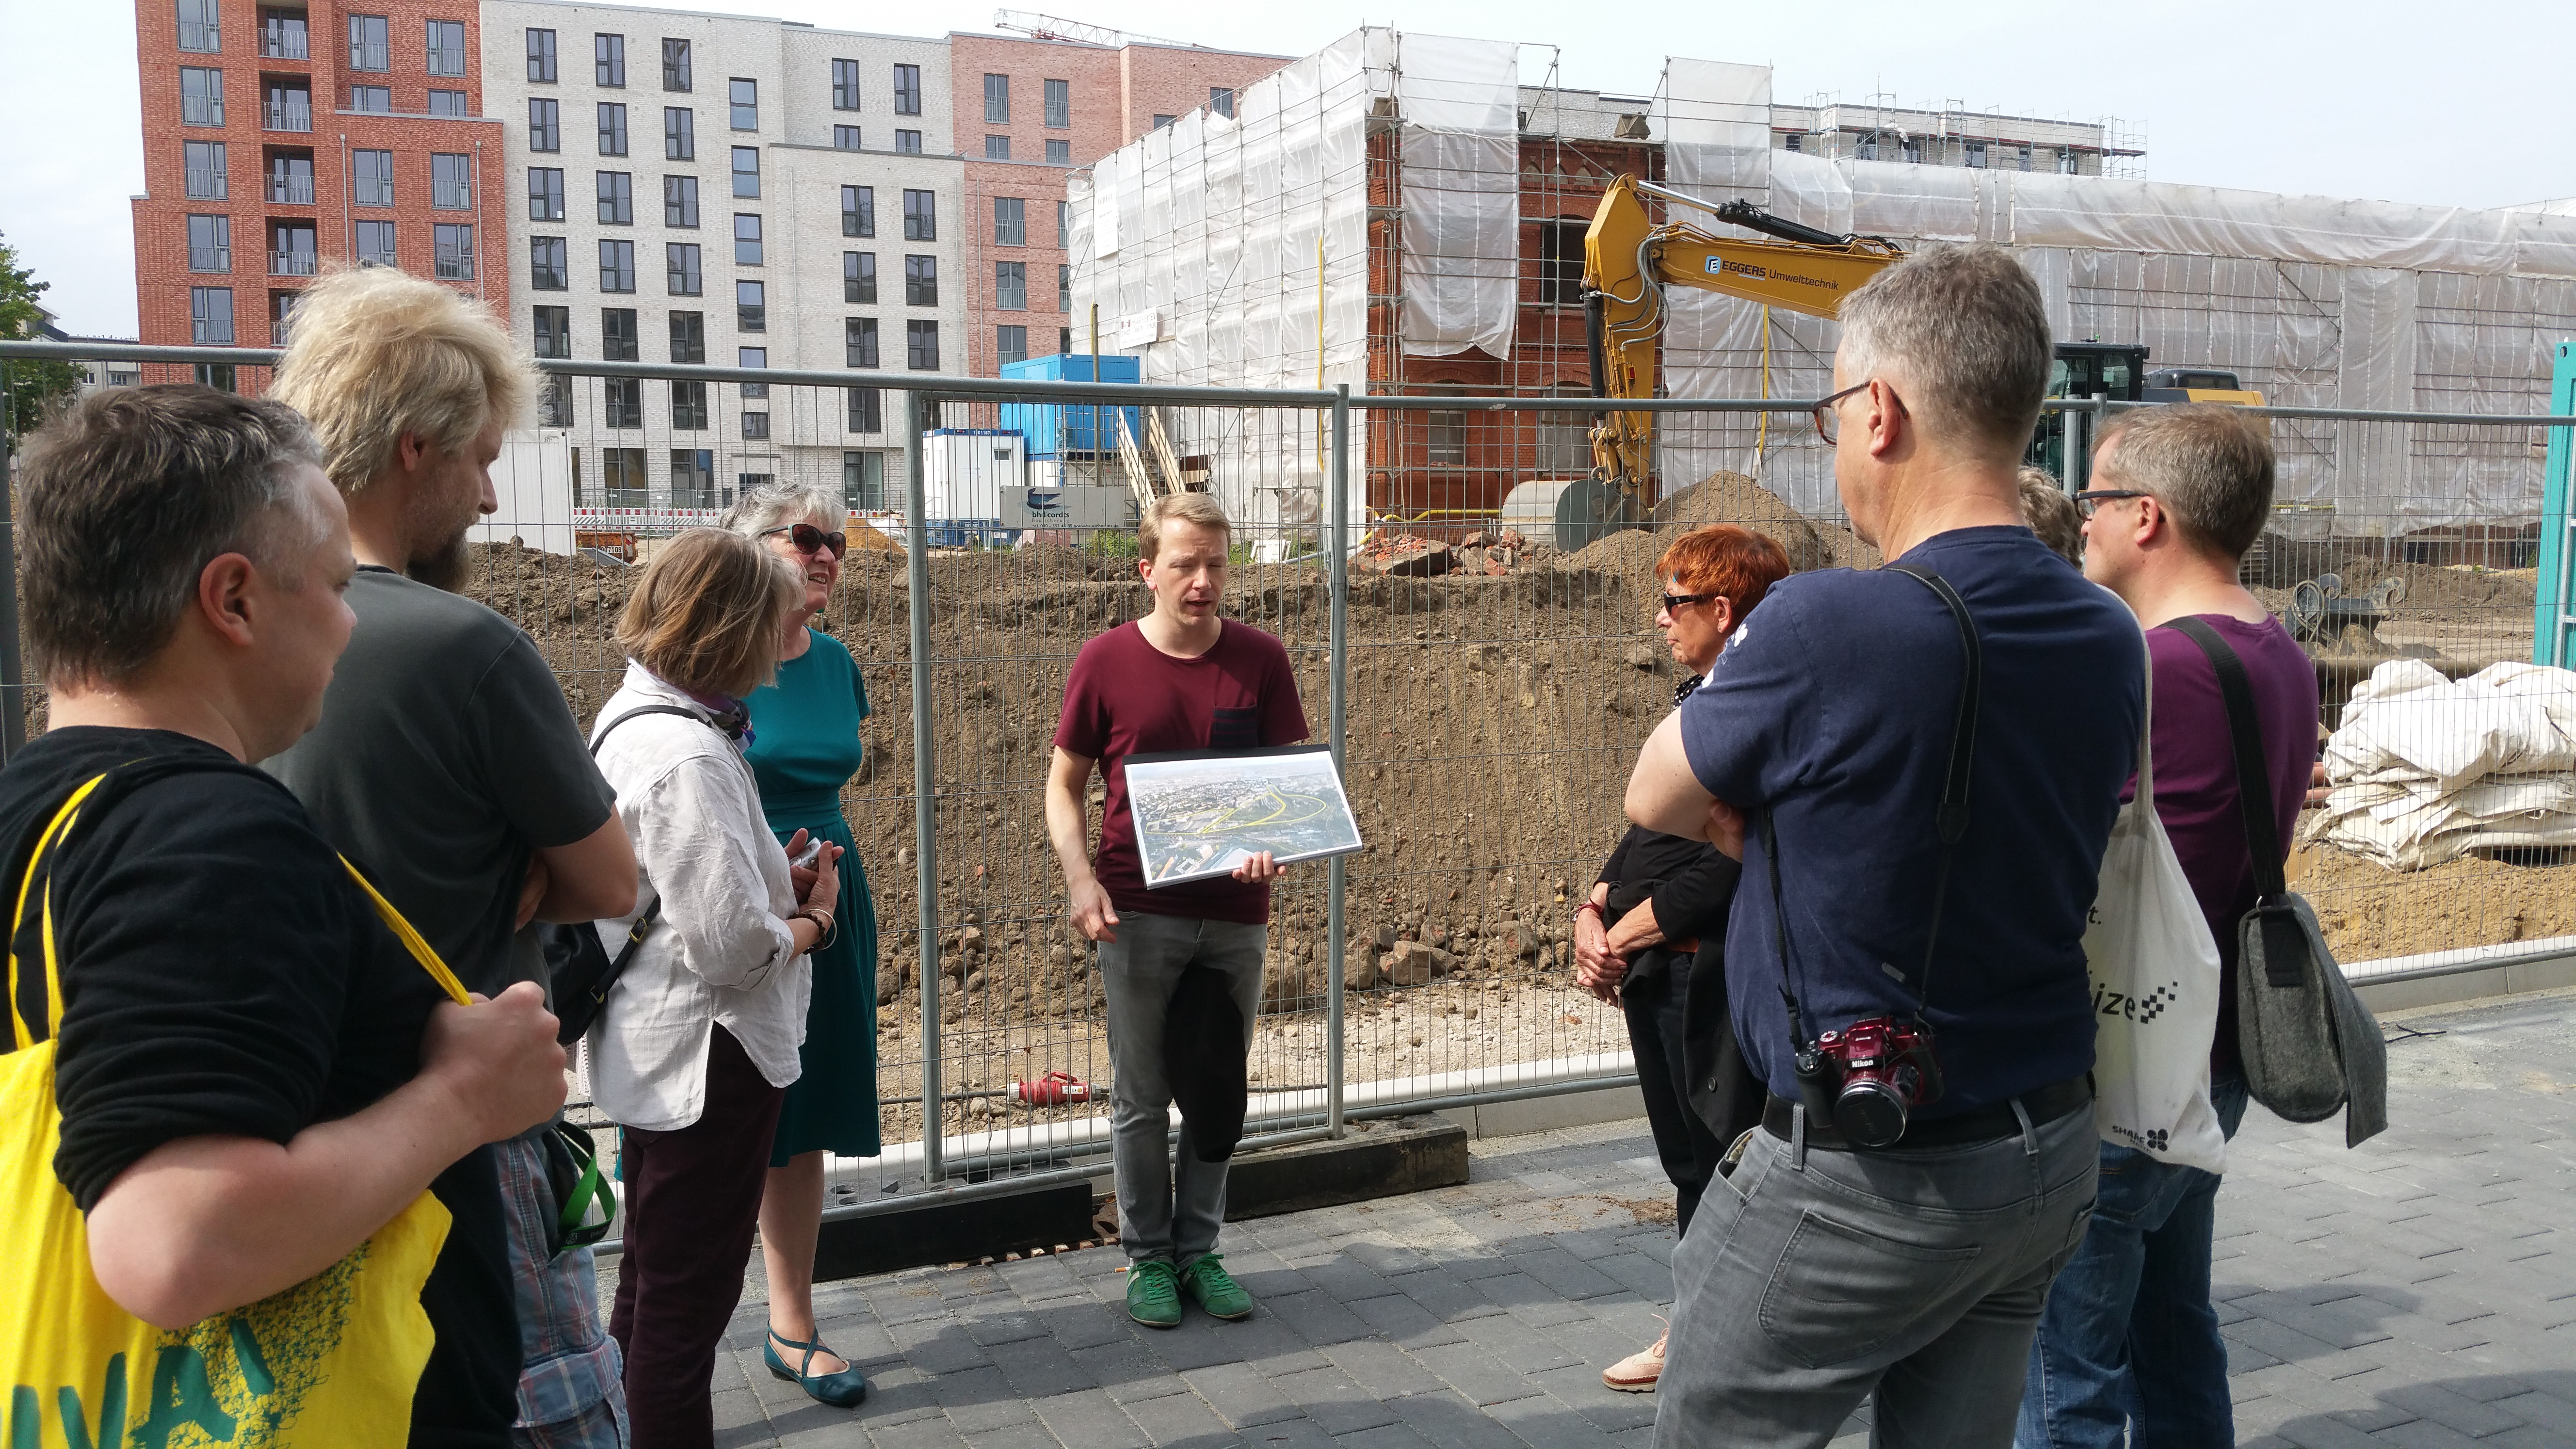 """Herr Seeringer (STEG, Hamburg) erklärte den Exkursionsteilnehmern das Mobilitätskonzept für """"Neue Mittel Altona"""""""